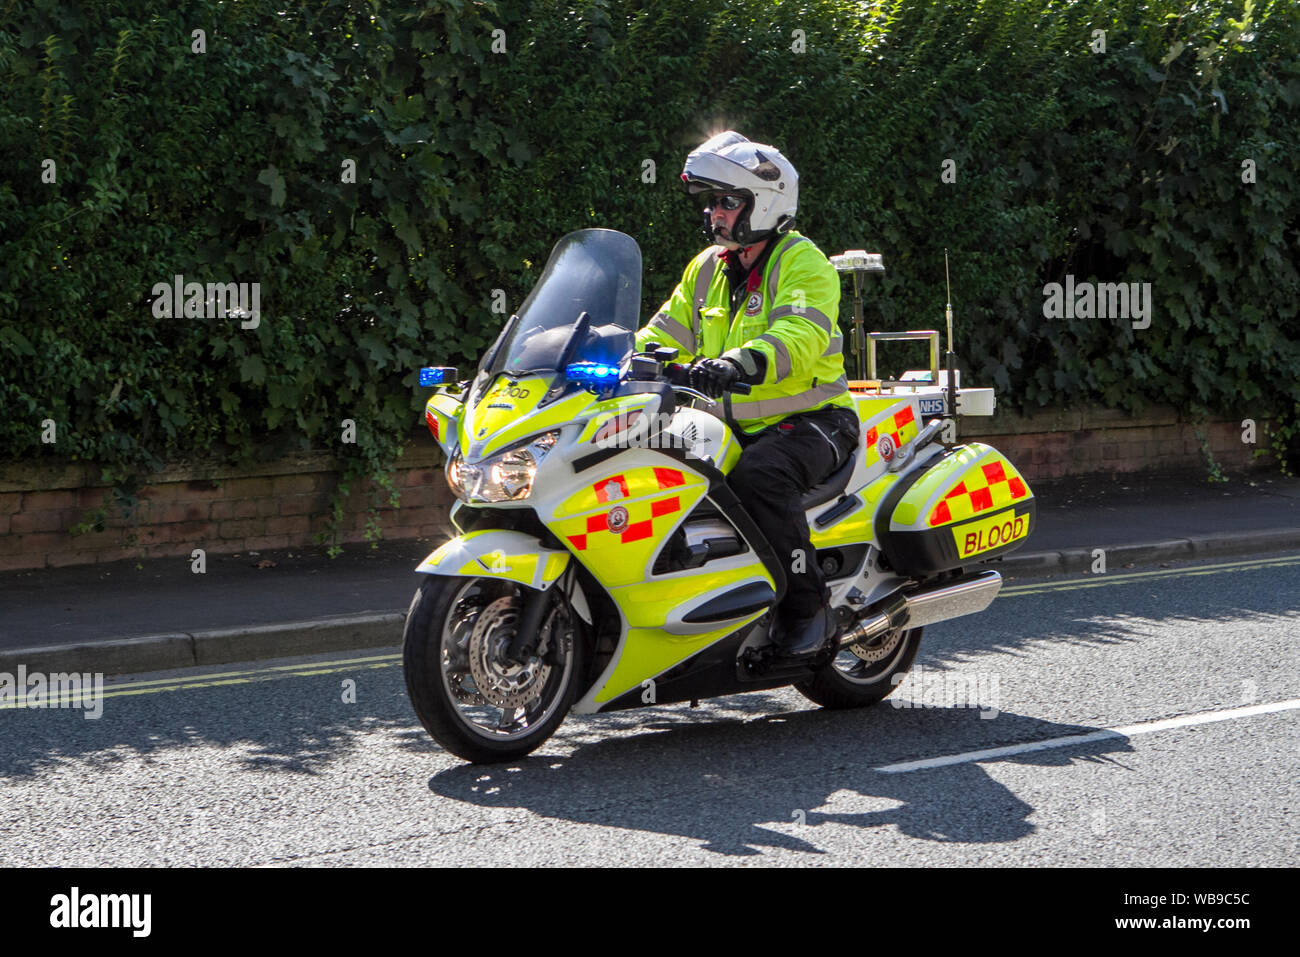 Blood bikes with emergency flashing blue lights, Ormskirk, Lancashire, UK Stock Photo